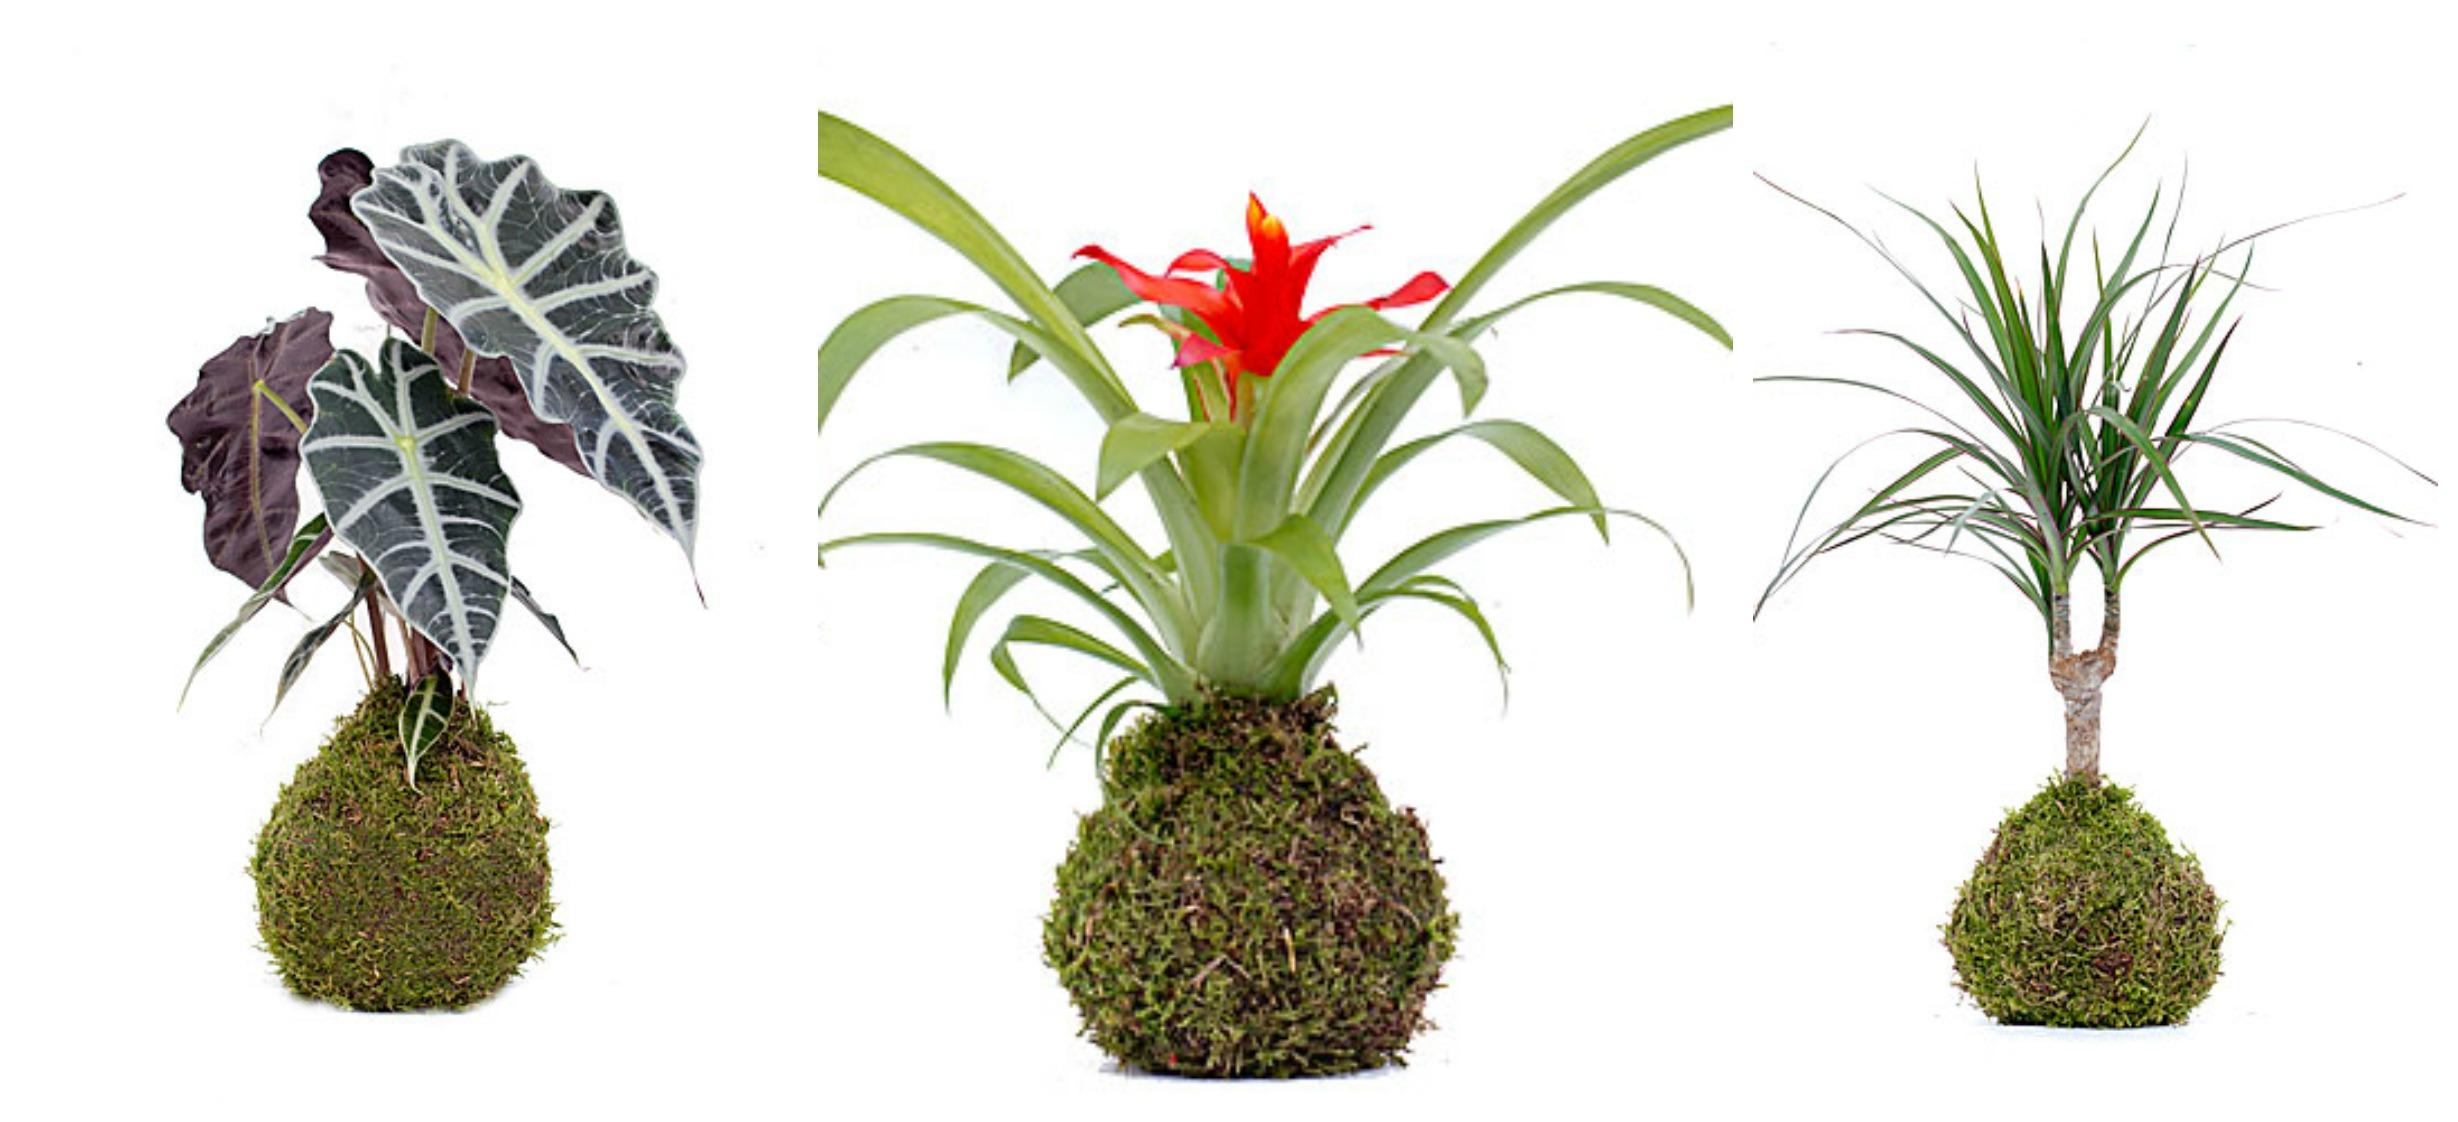 Taller sobre plantas de interior en mugi 2demayobilbao - Plantas de interior tipos ...